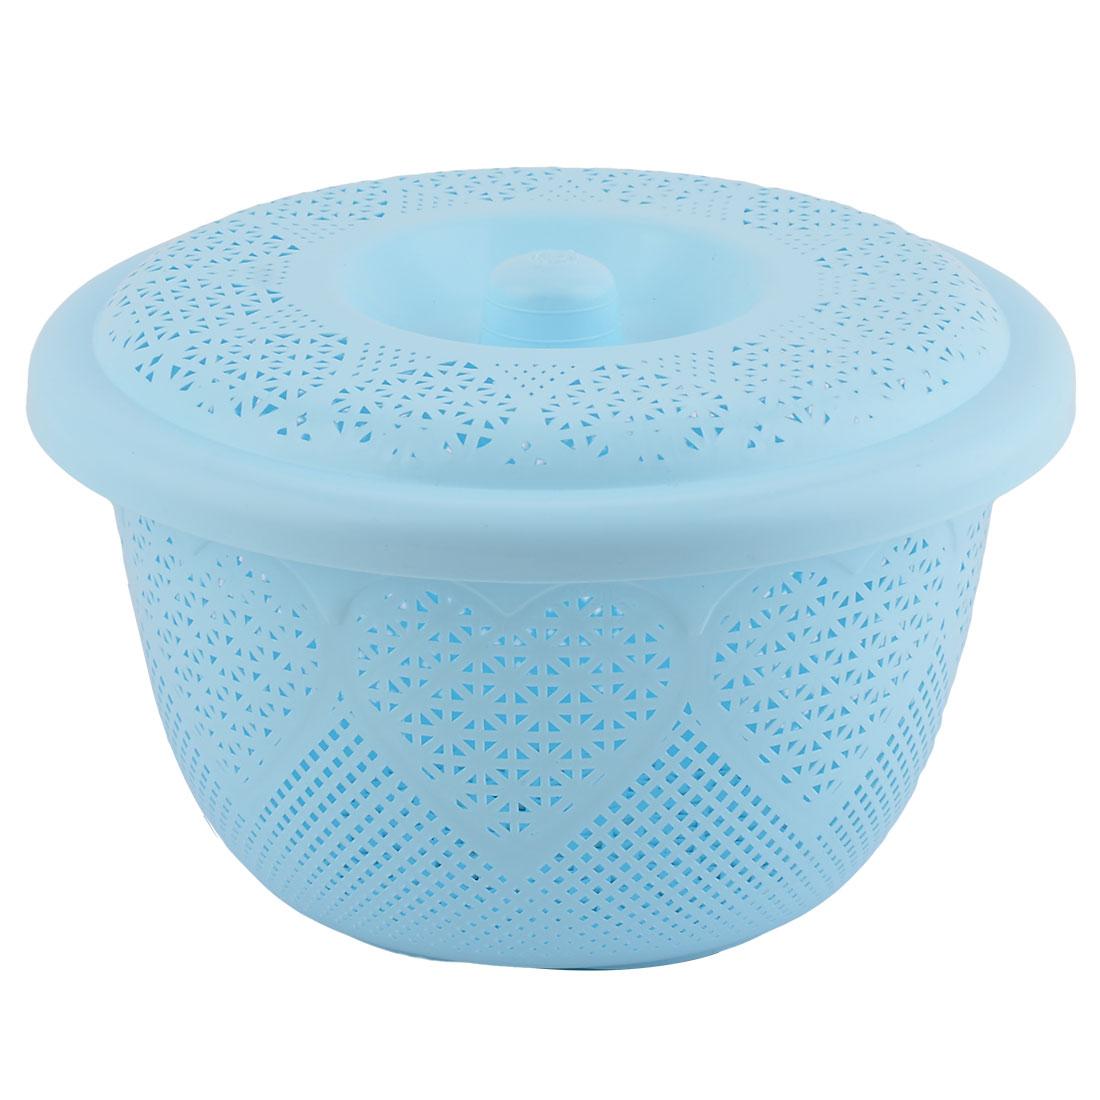 Click here to buy Home Plastic Fruit Vegetable Washing Colander Strainer Basket Plate Light Blue.